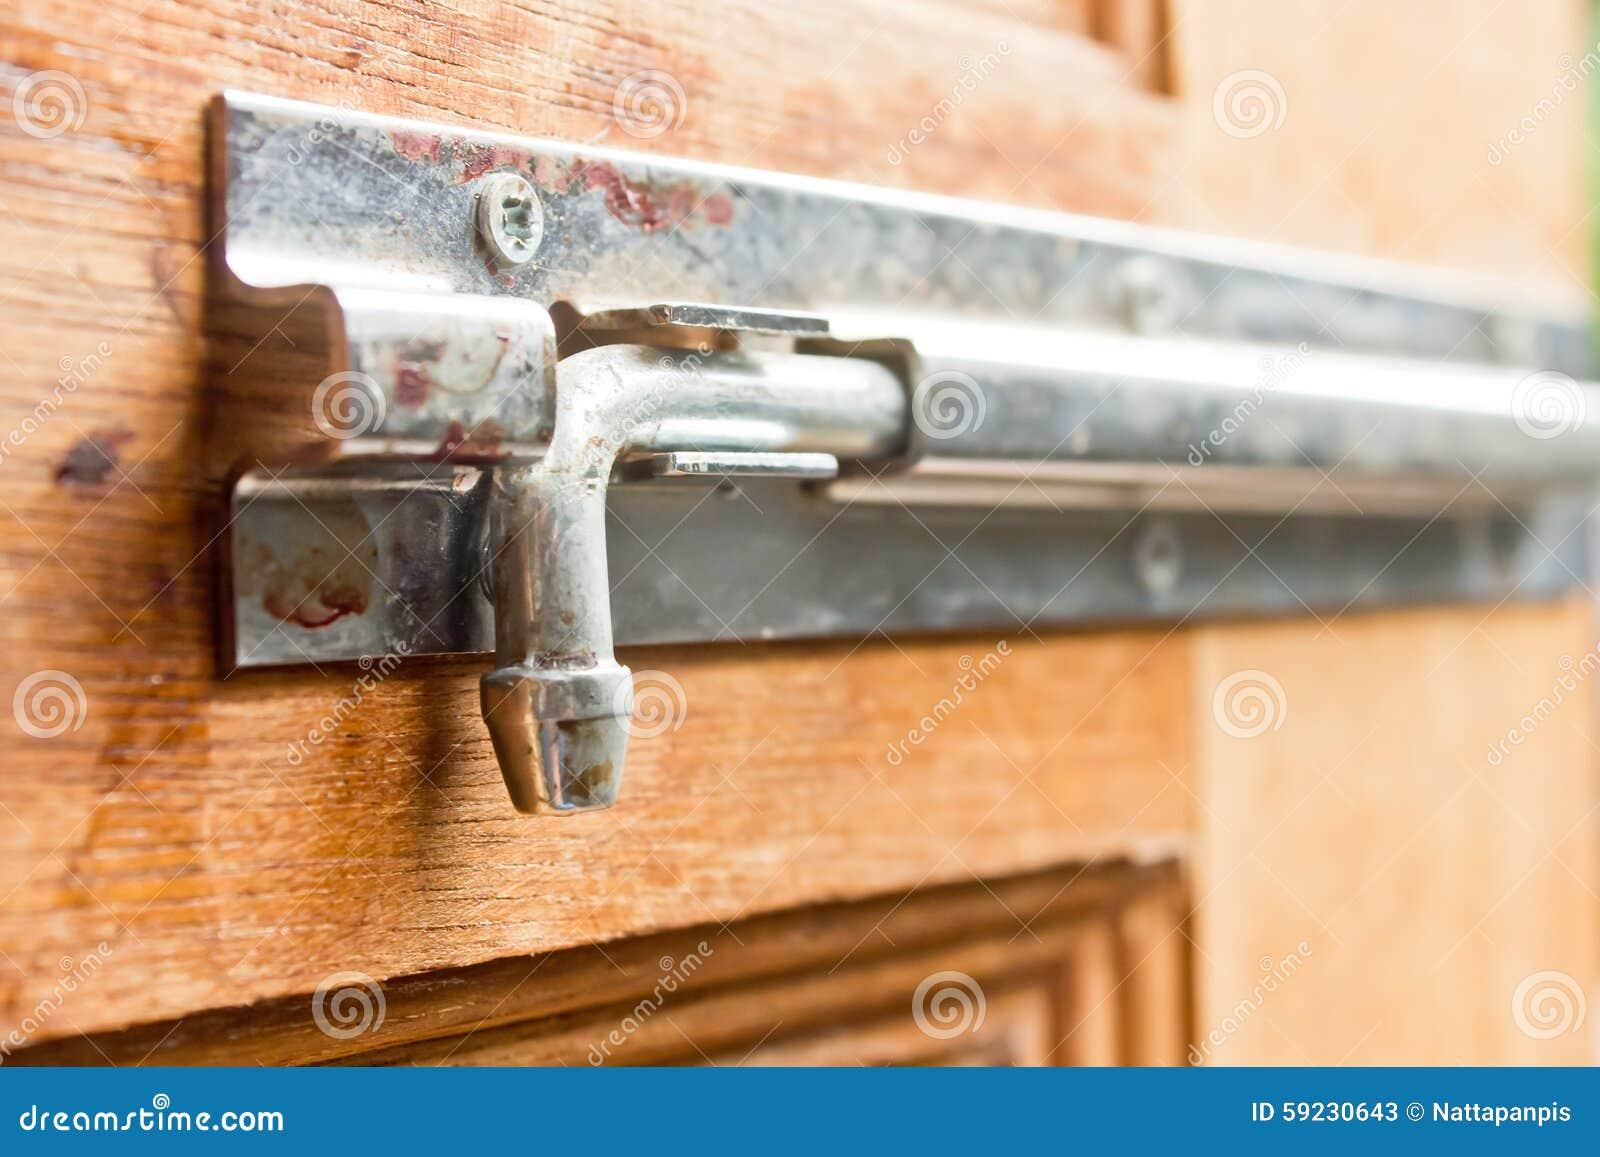 Download Puerta del cierre imagen de archivo. Imagen de vendimia - 59230643